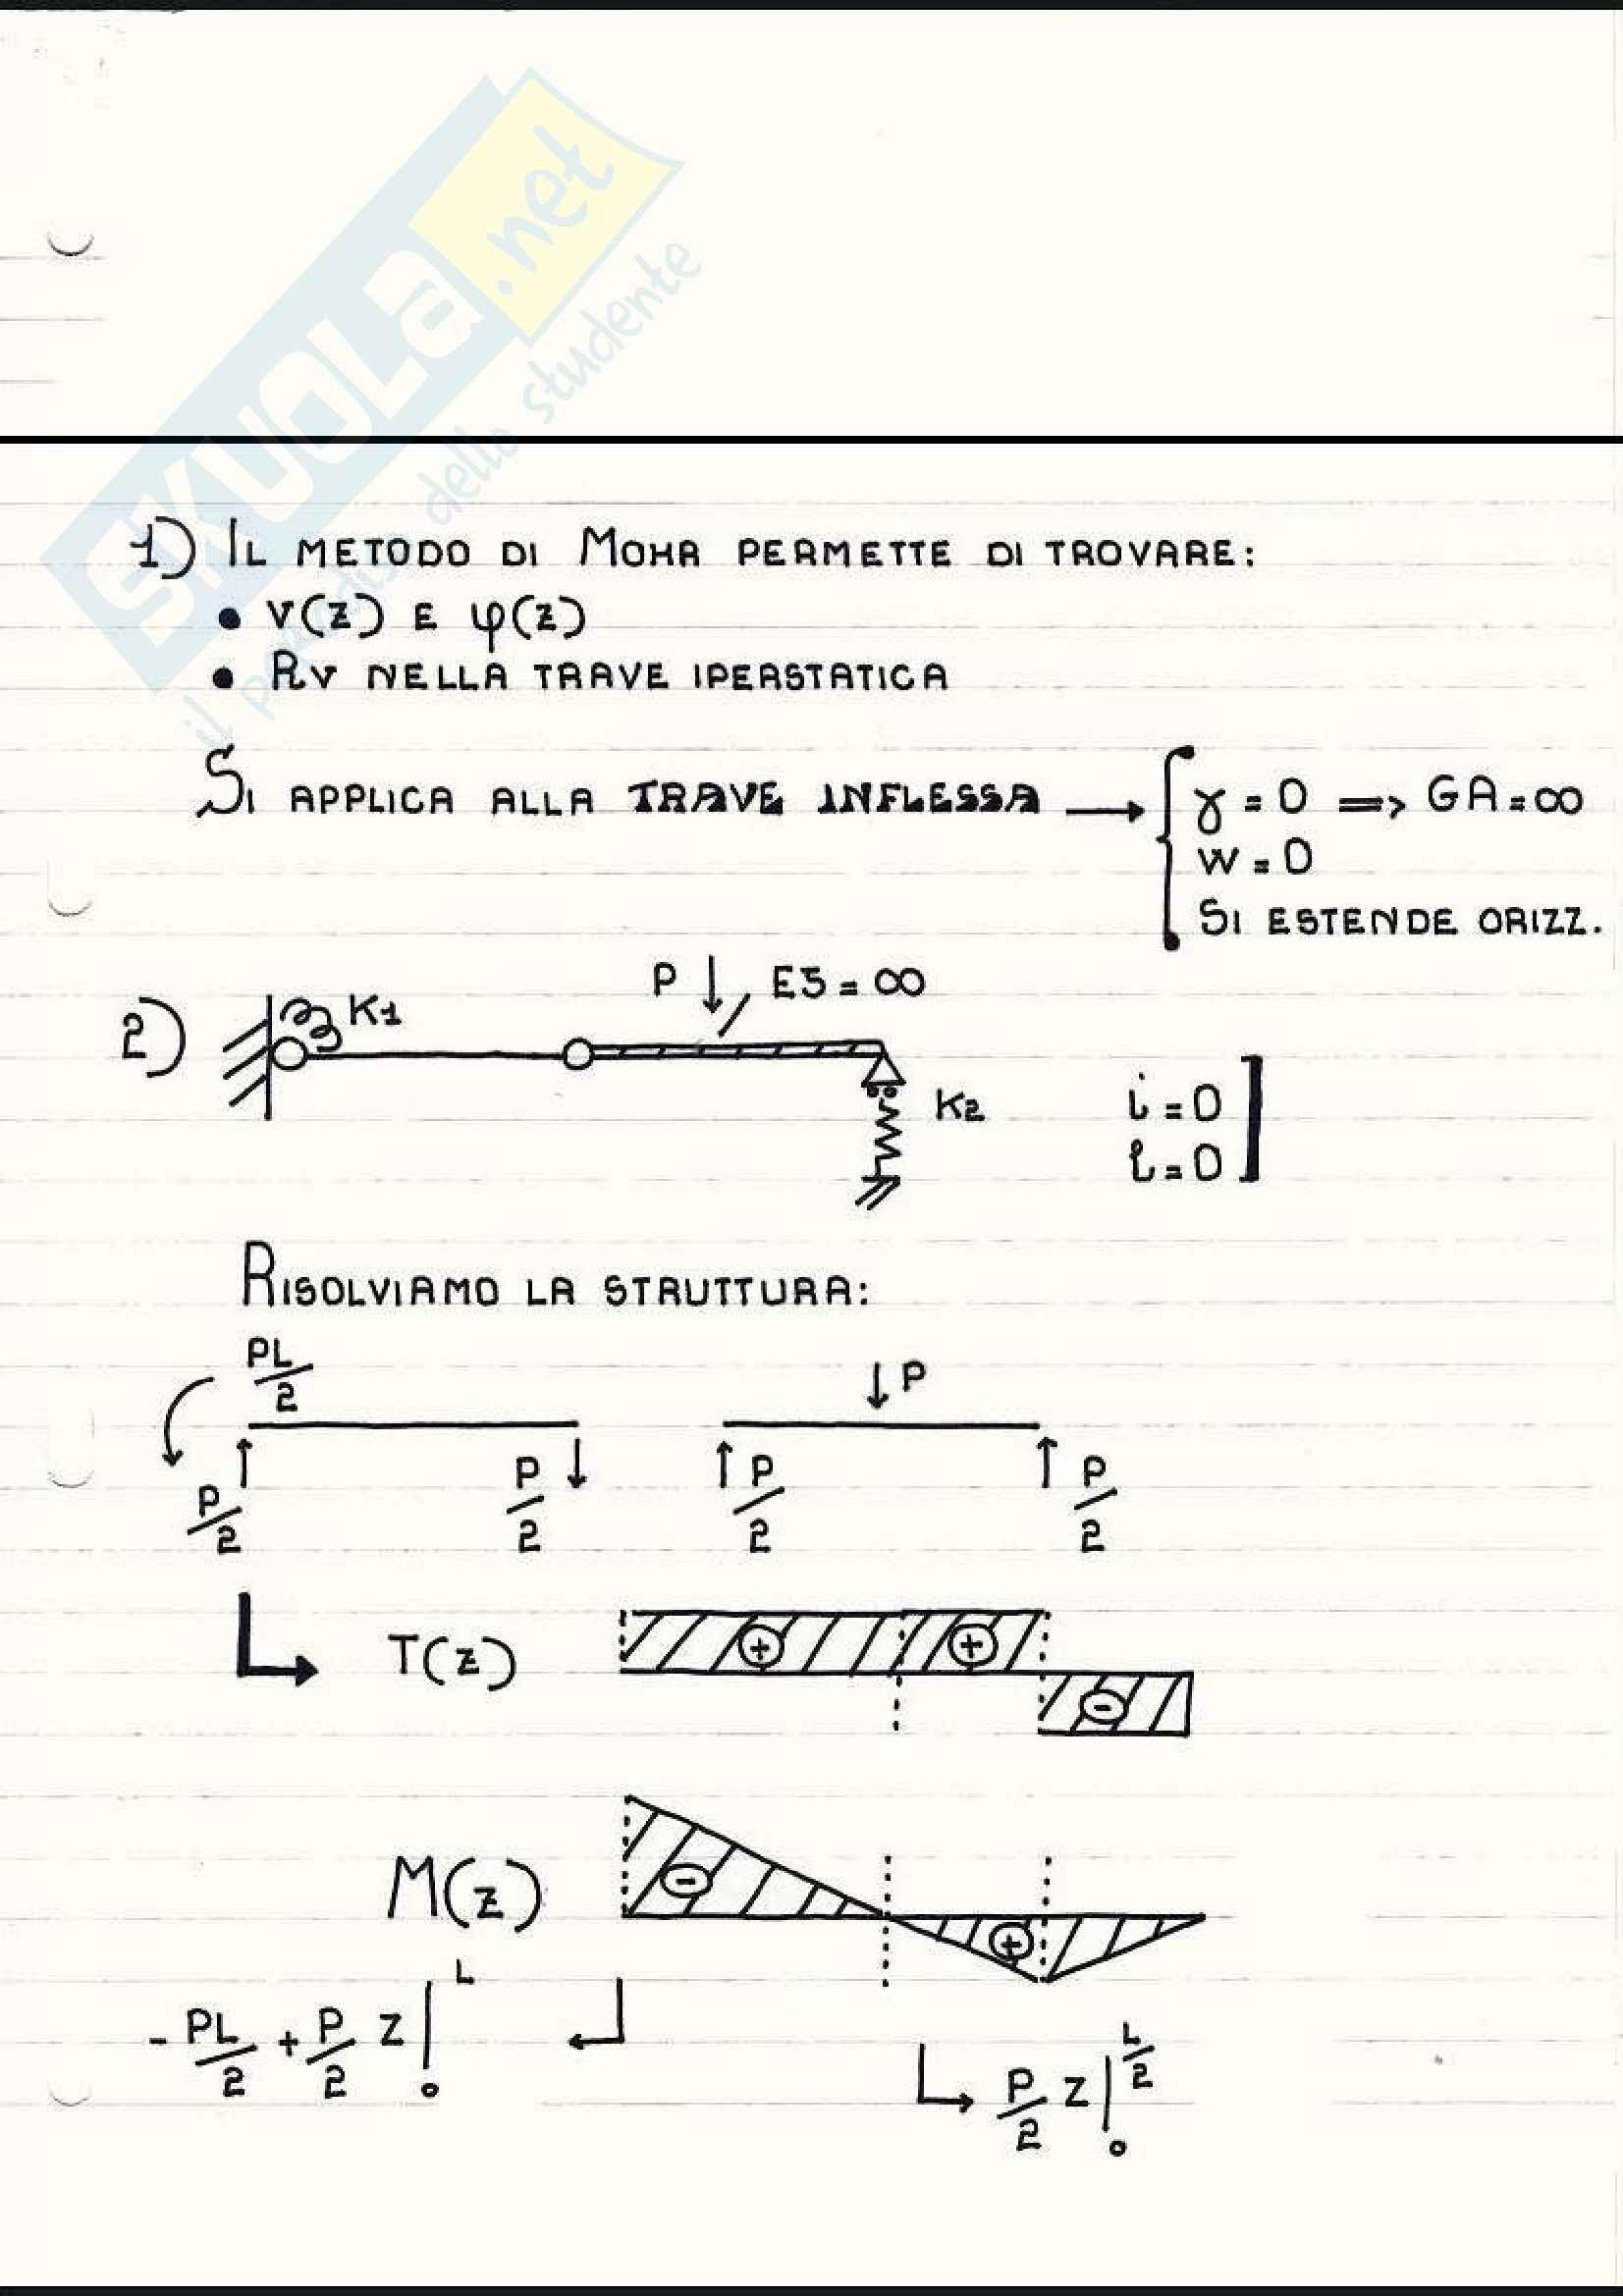 Scienza delle costruzioni - Esercizi sulla linea elastica e Mohr Pag. 31